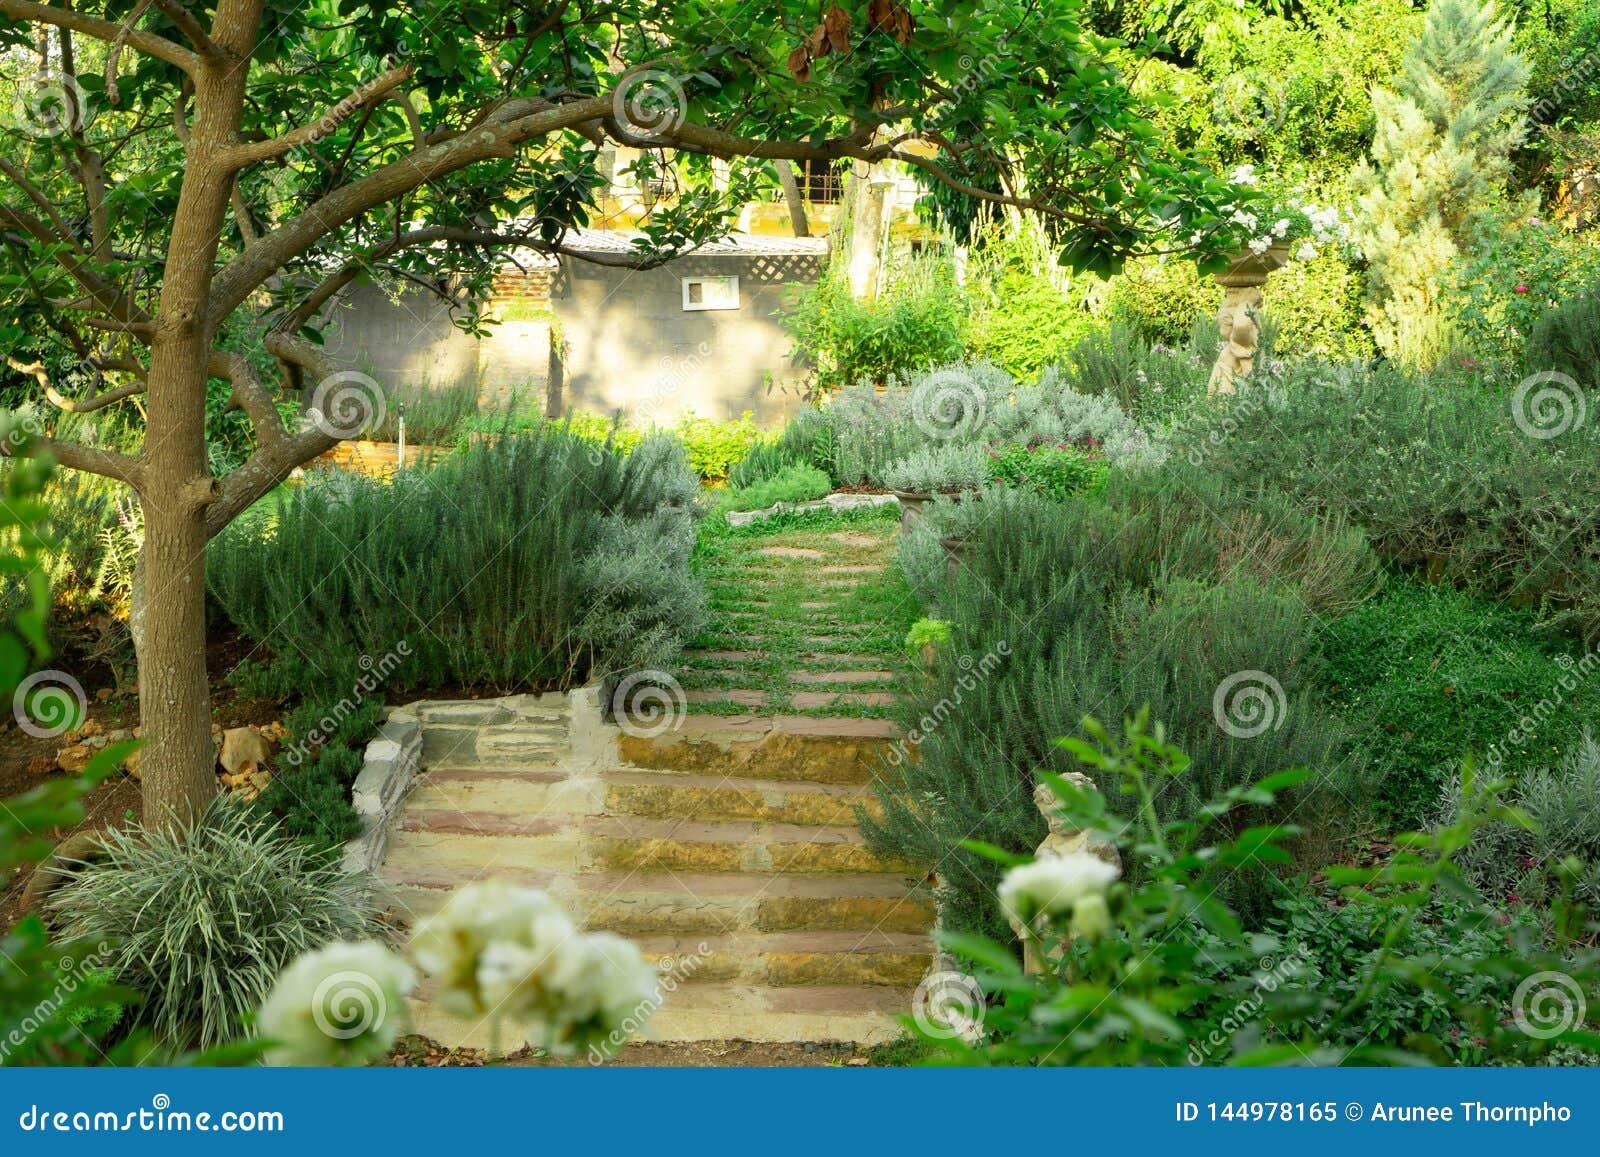 Den engelska stugaträdgården på gräsmattaträdgård för grönt gräs, det infomal landskapet dekorerar med rosor, rosmarinö